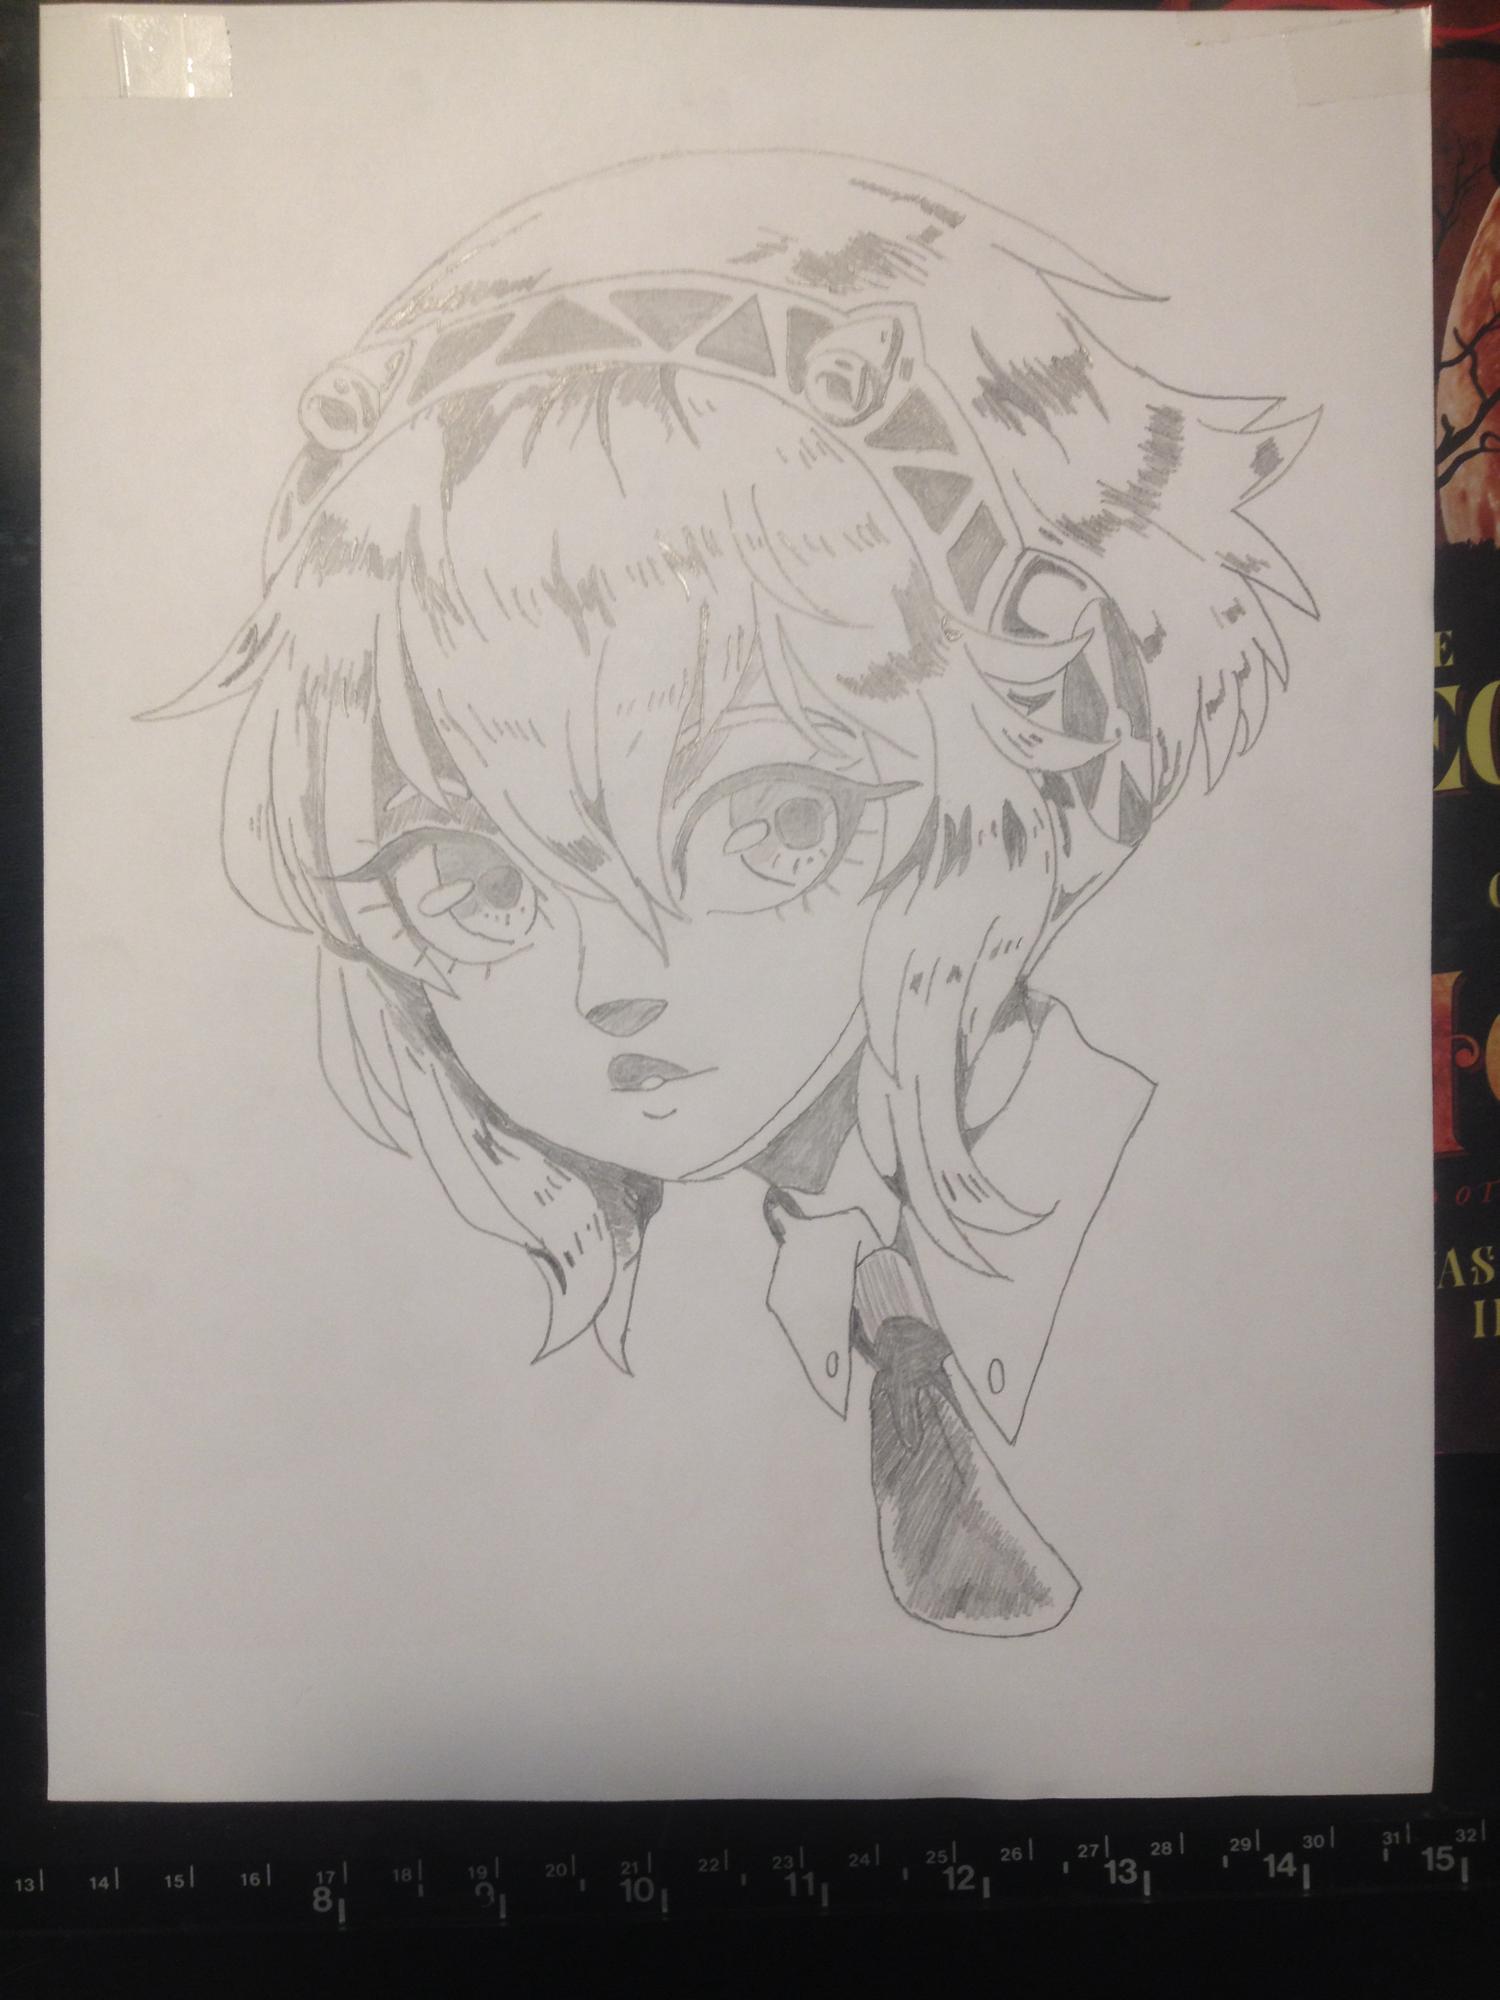 Aigis Sketch